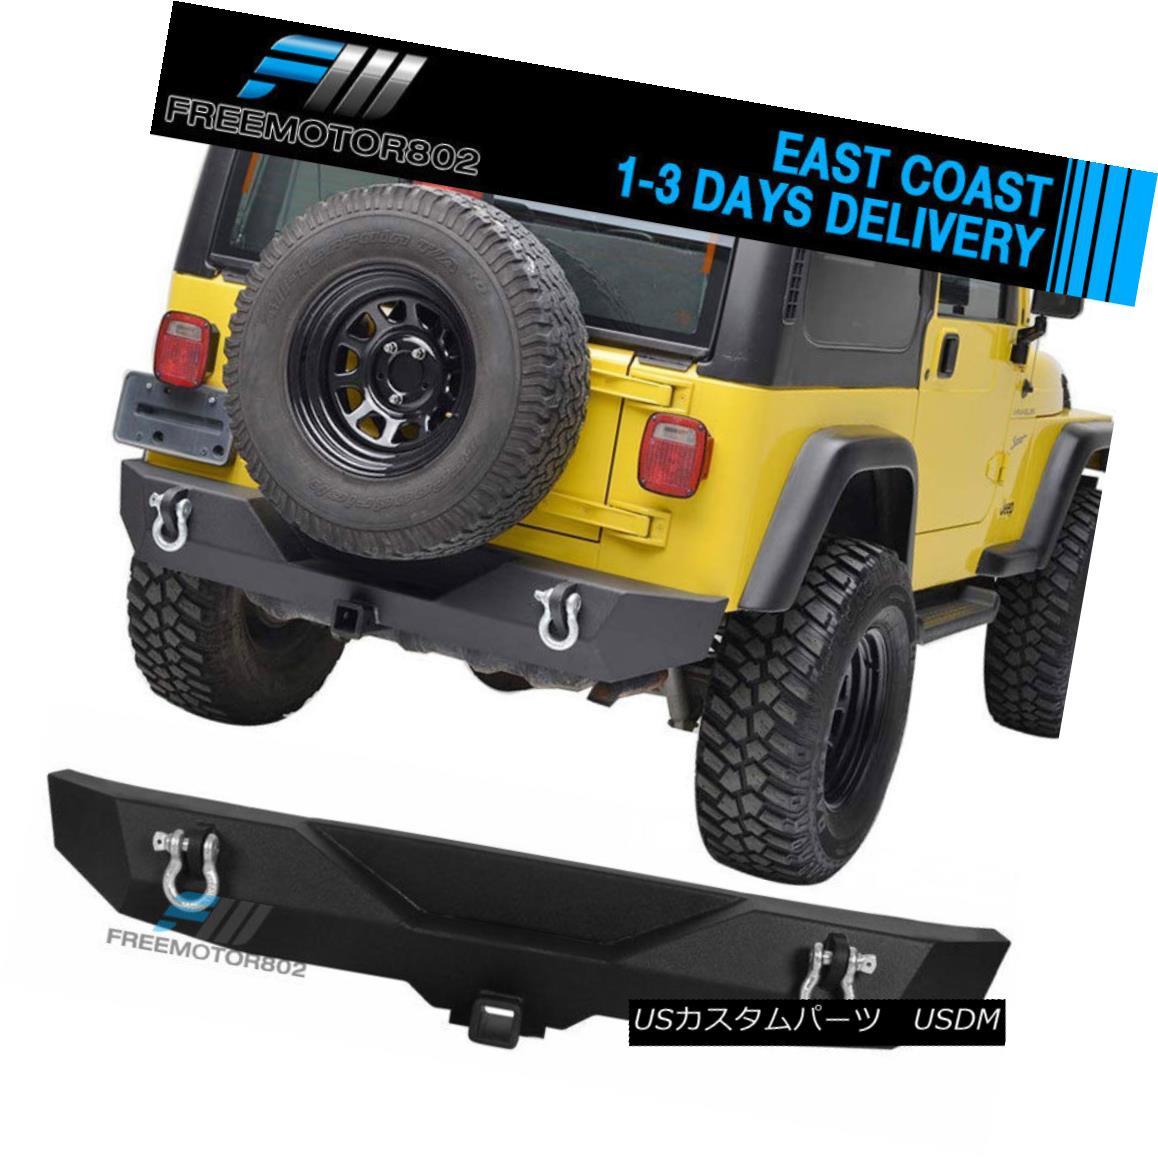 エアロパーツ Fits 87-06 Jeep Wrangler TJ YJ Black Textured Rear Bumper -B1 Guard Kits フィット87-06ジープラングラーTJ YJブラックテクスチャーリアバンパー-B1ガードキット